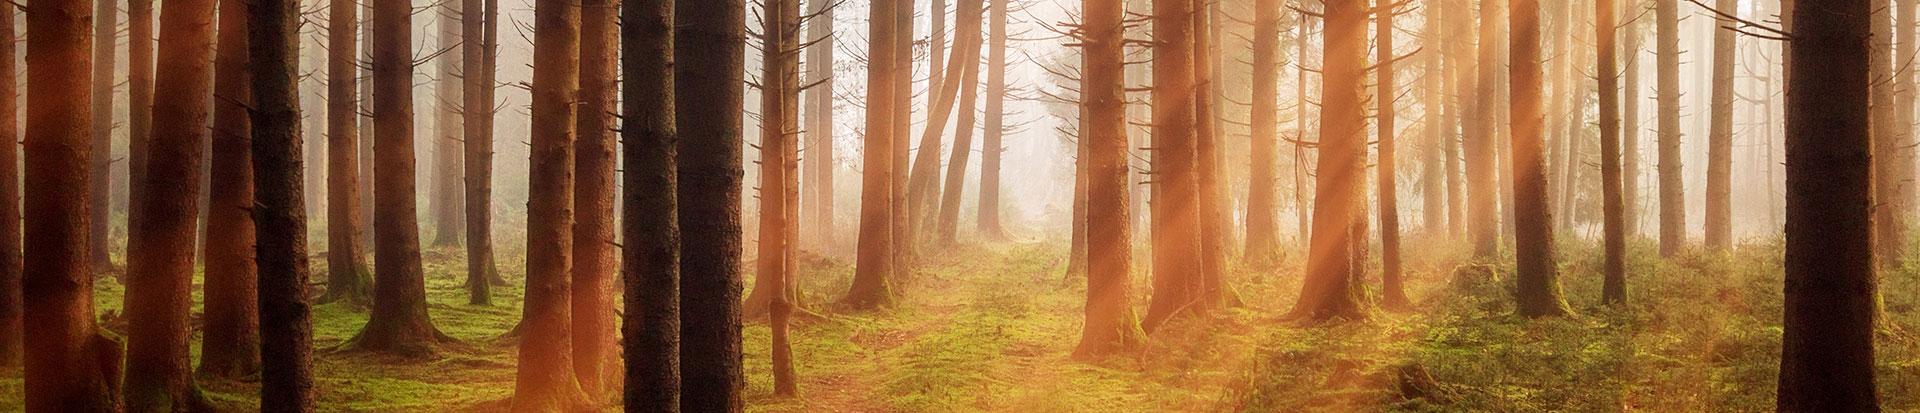 slider-forest-3448818